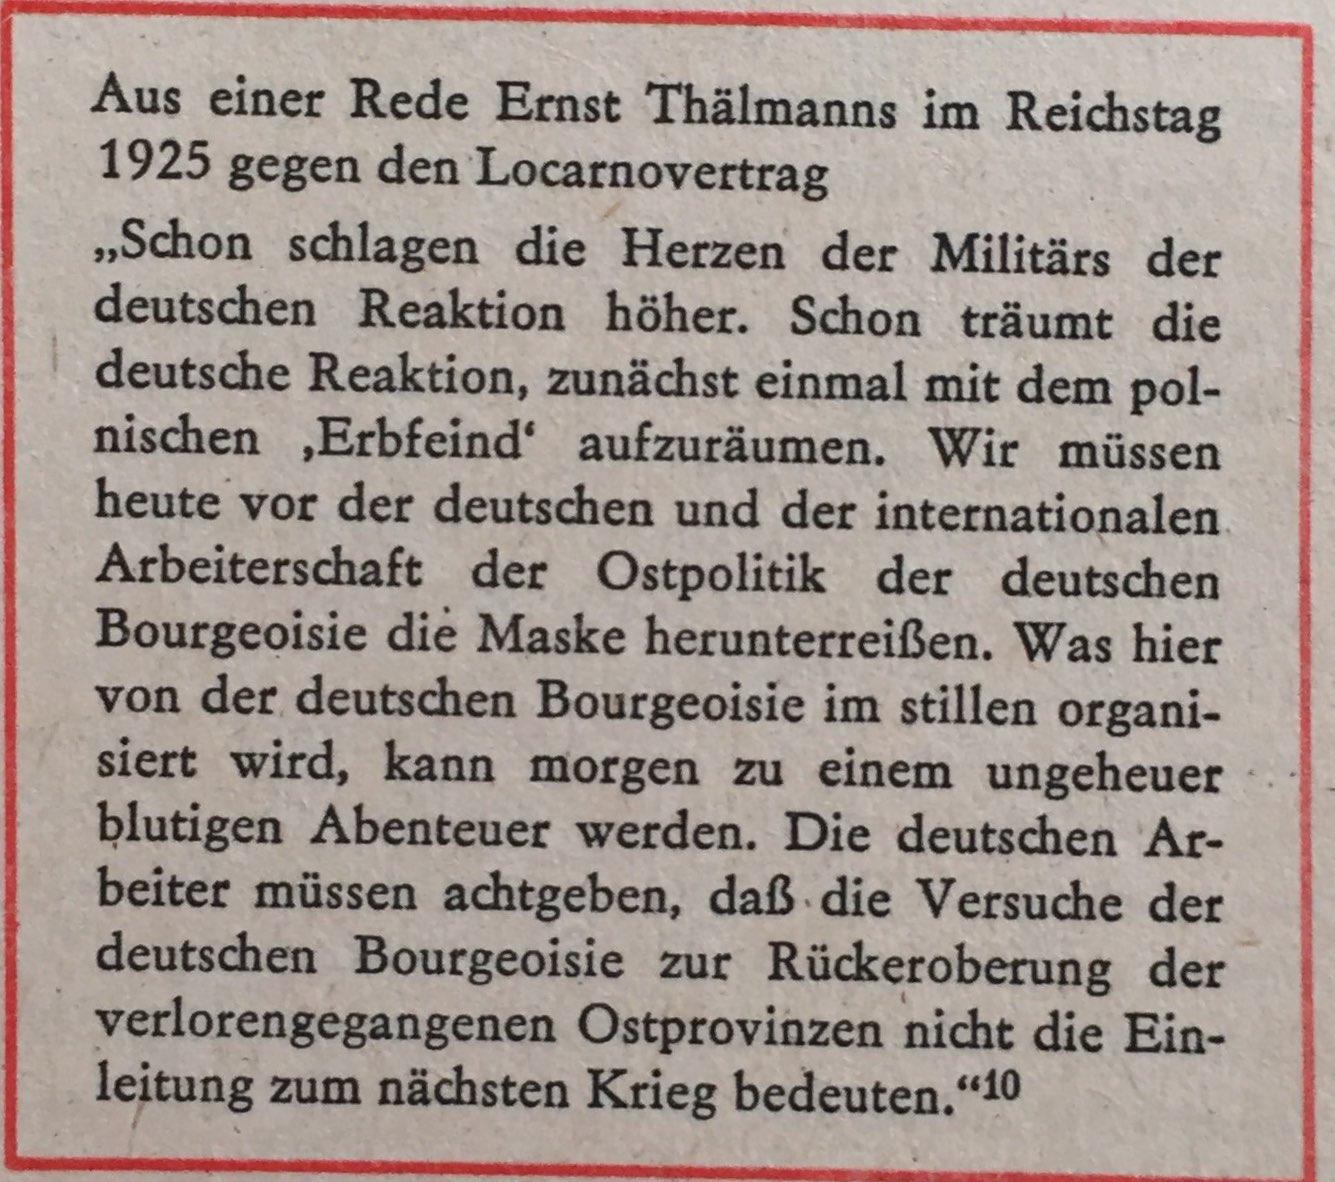 Ausschnitt Rede Ernst Thälmann im Reichstag 1925